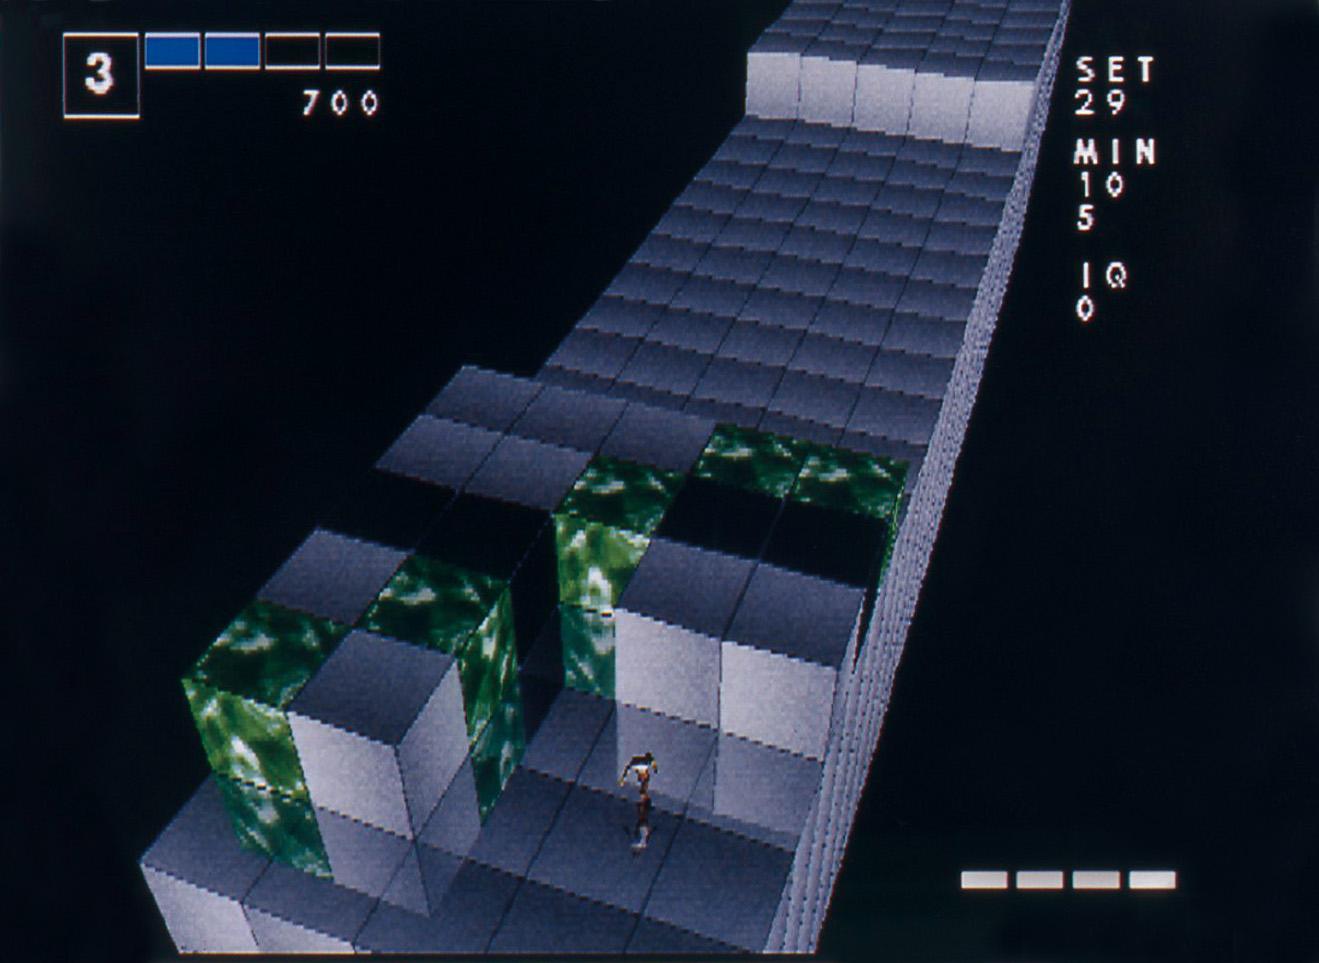 中村至男 プレイステーション・ゲームソフト「I.Q」